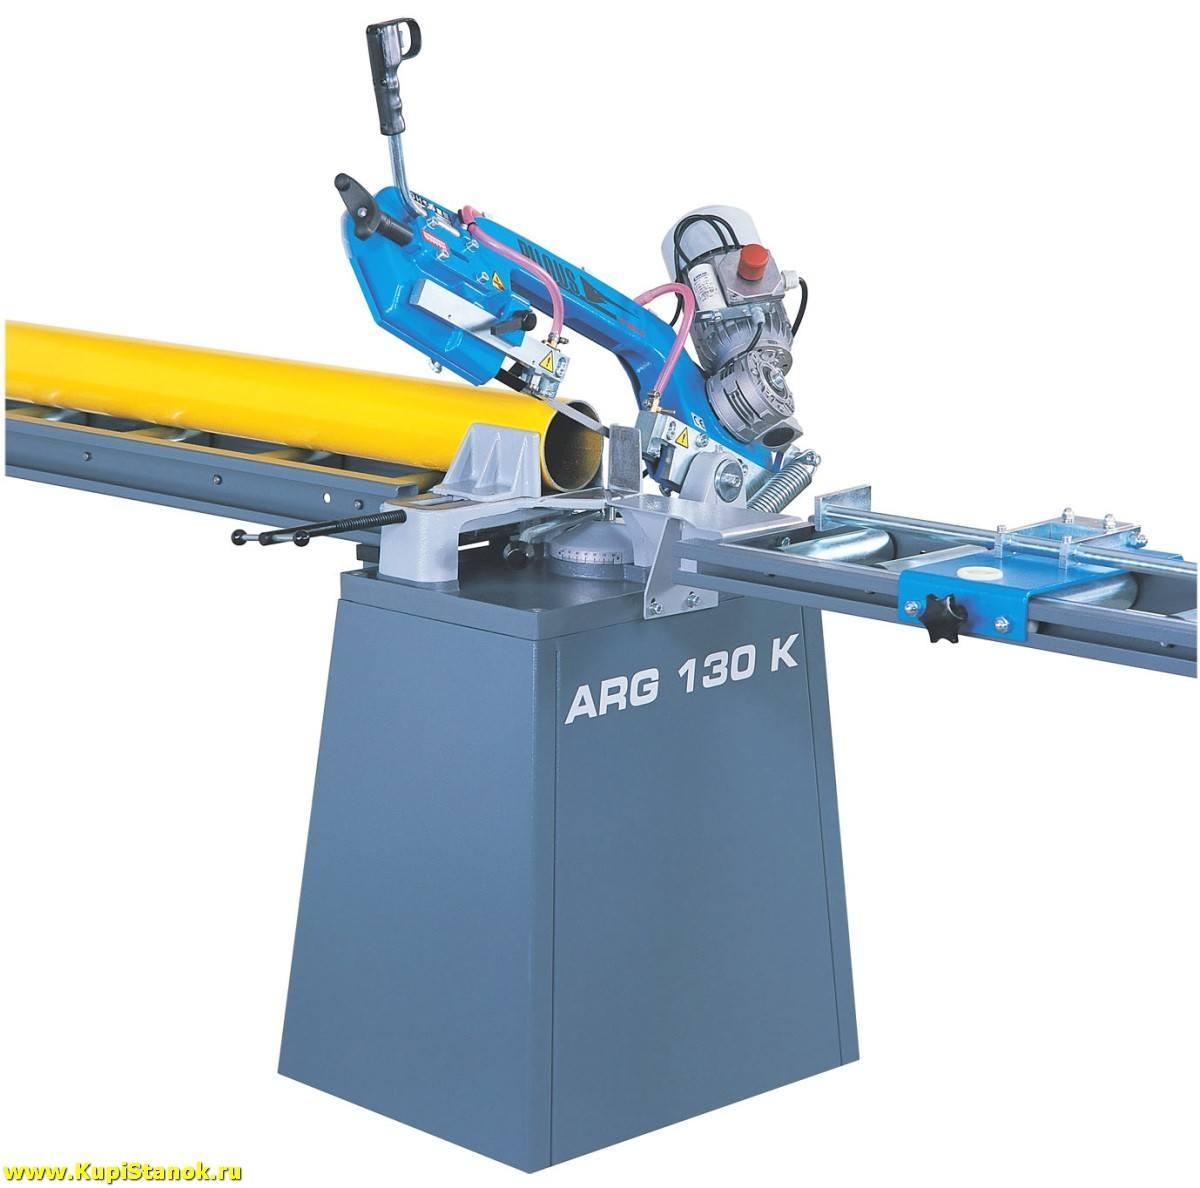 ARG 130 K 220V